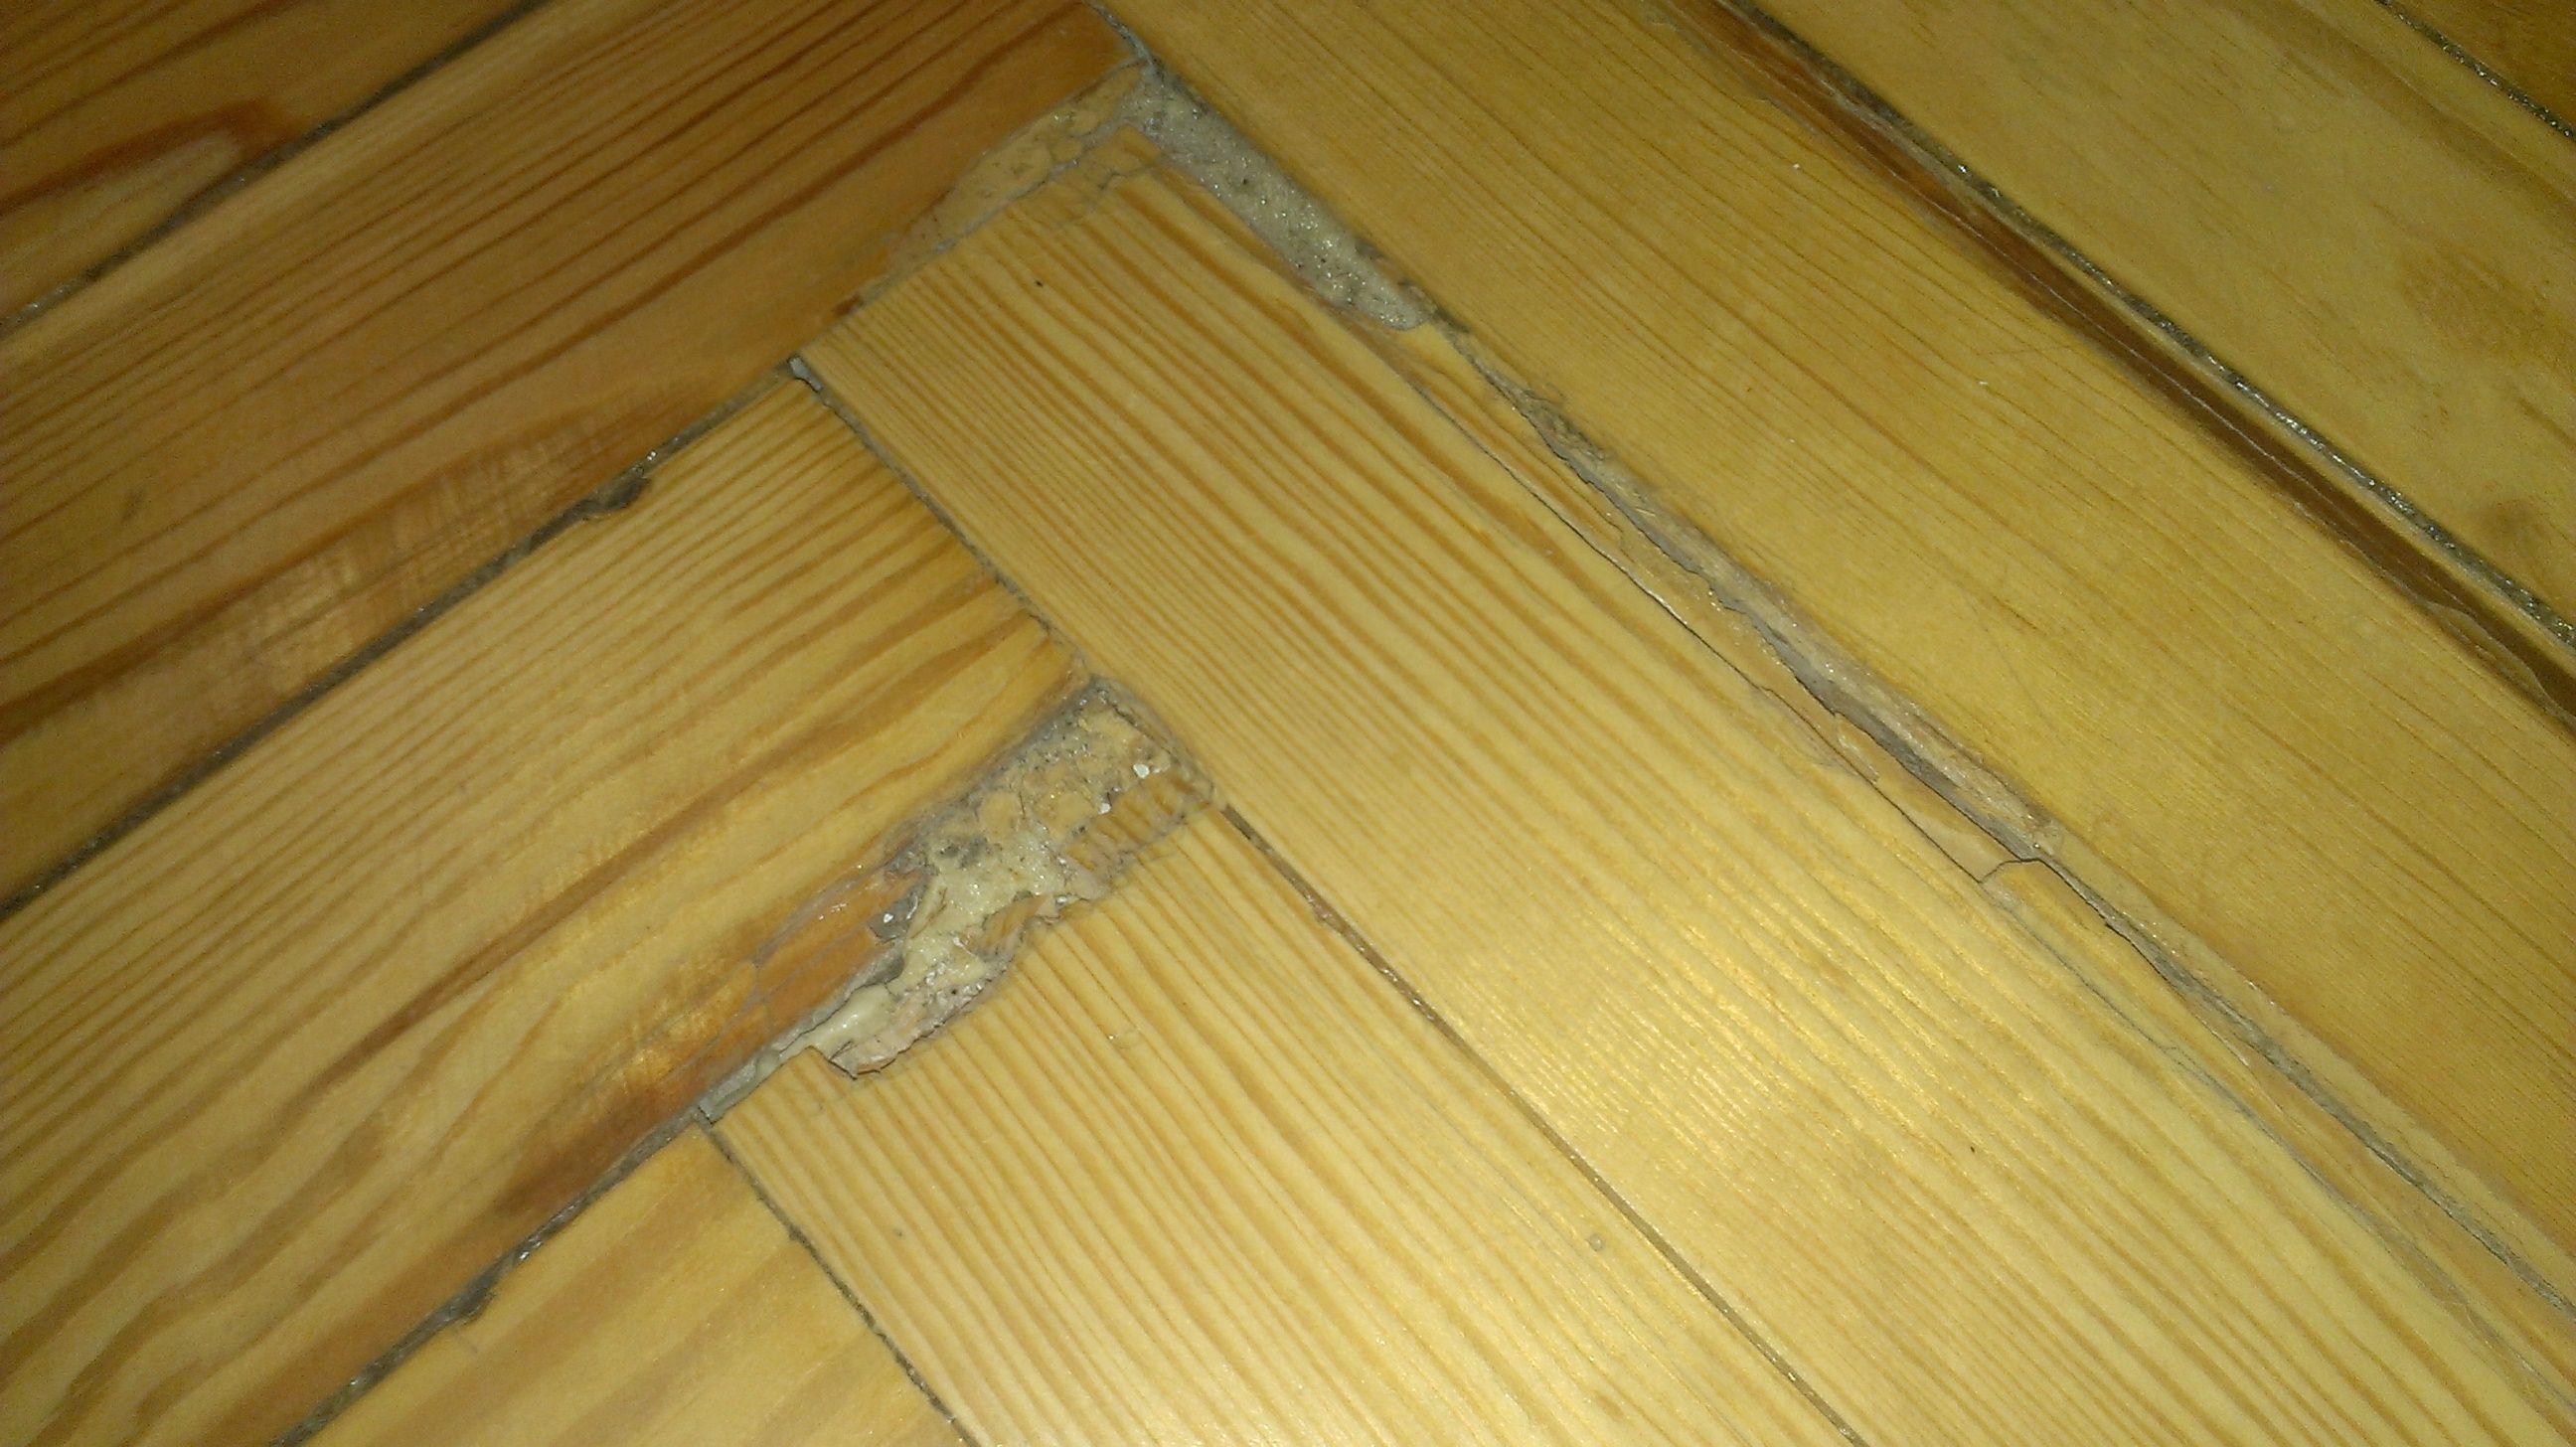 Tarima maciza pino melis viejo machihembrado roto y mal emplastecido